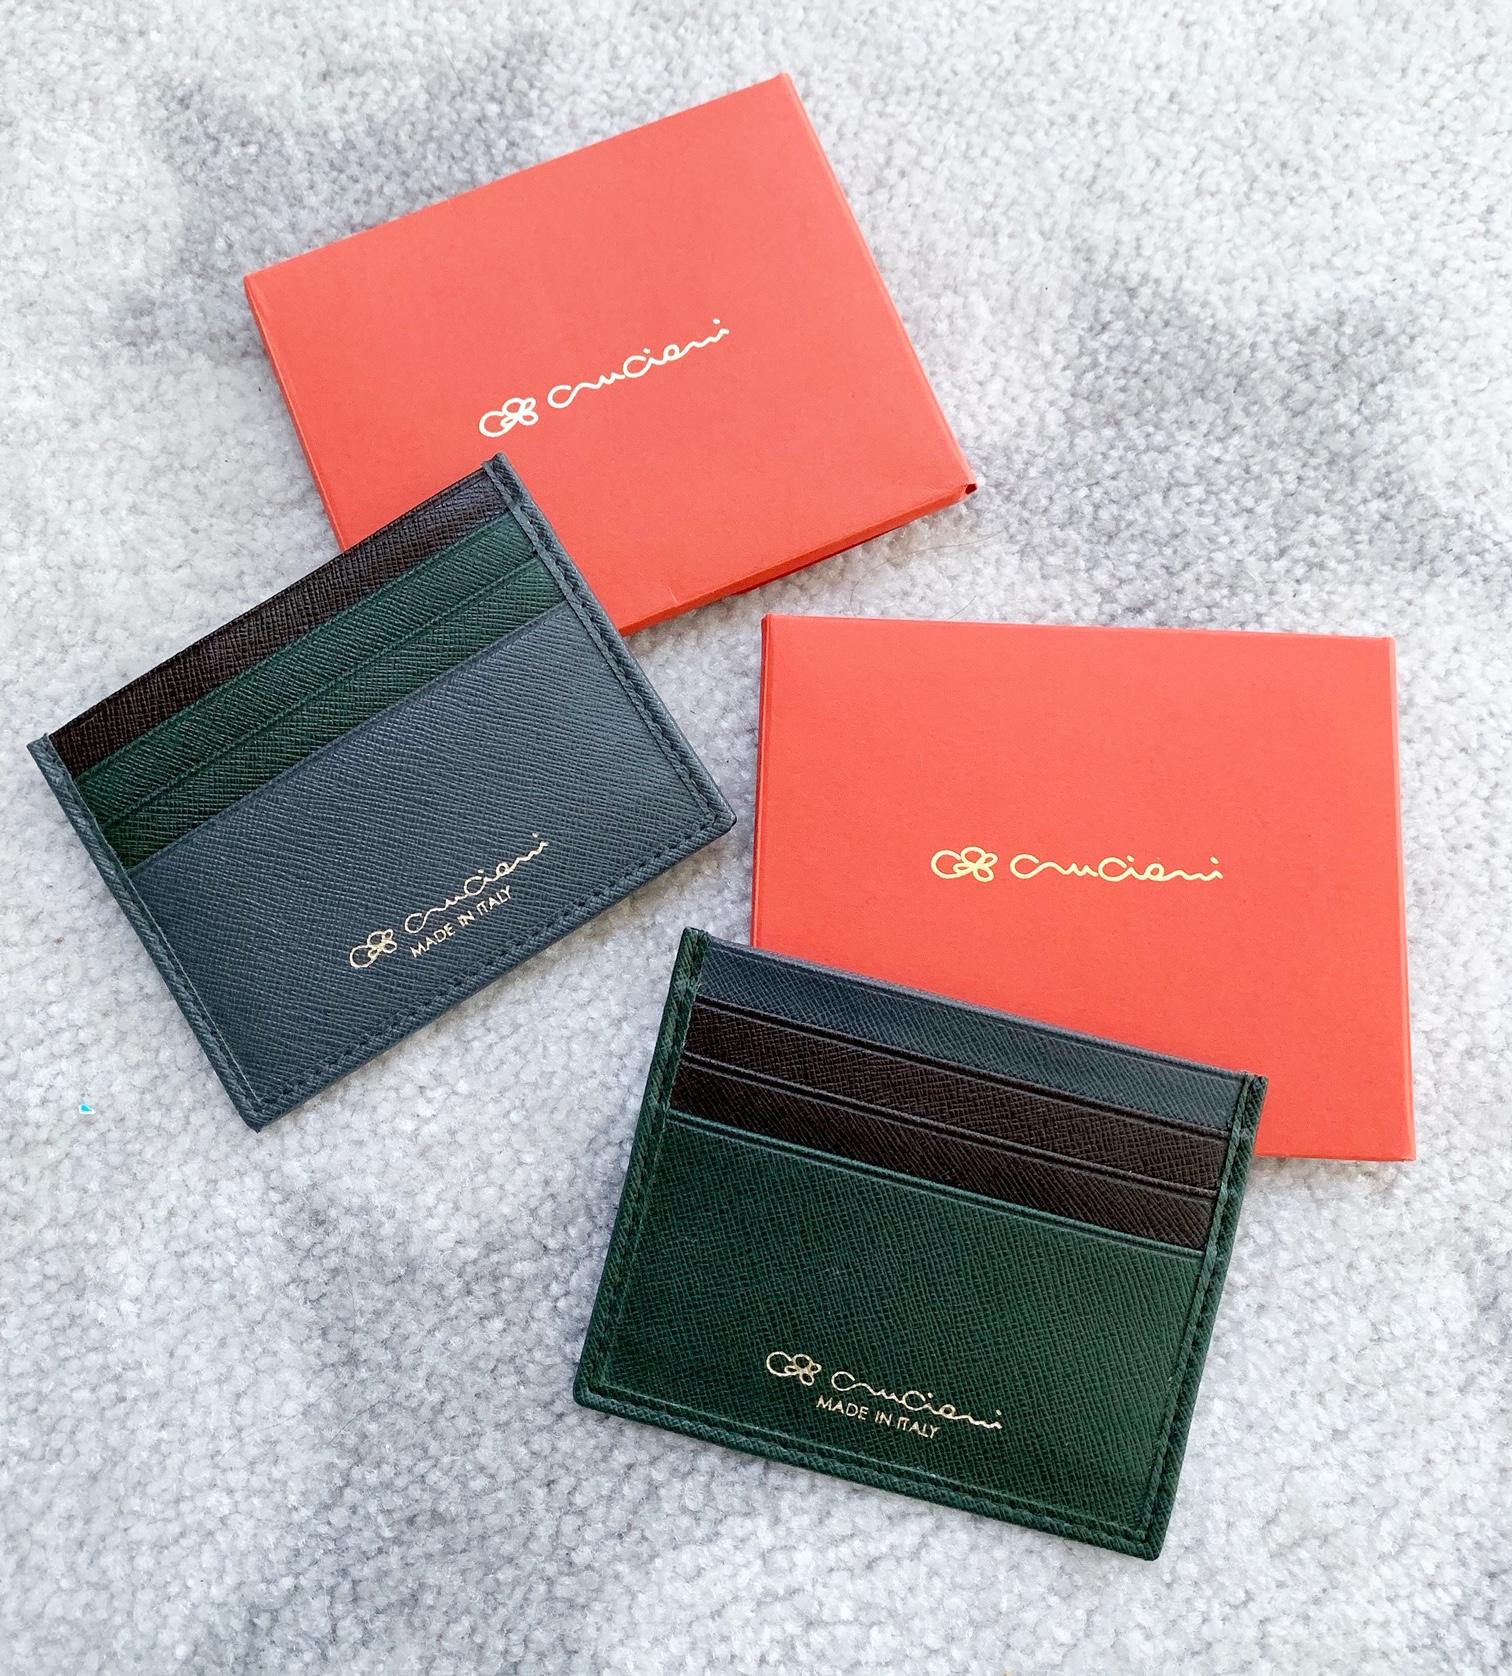 Peňaženka CRUCIANI na kreditné karty, Vojenská zelená